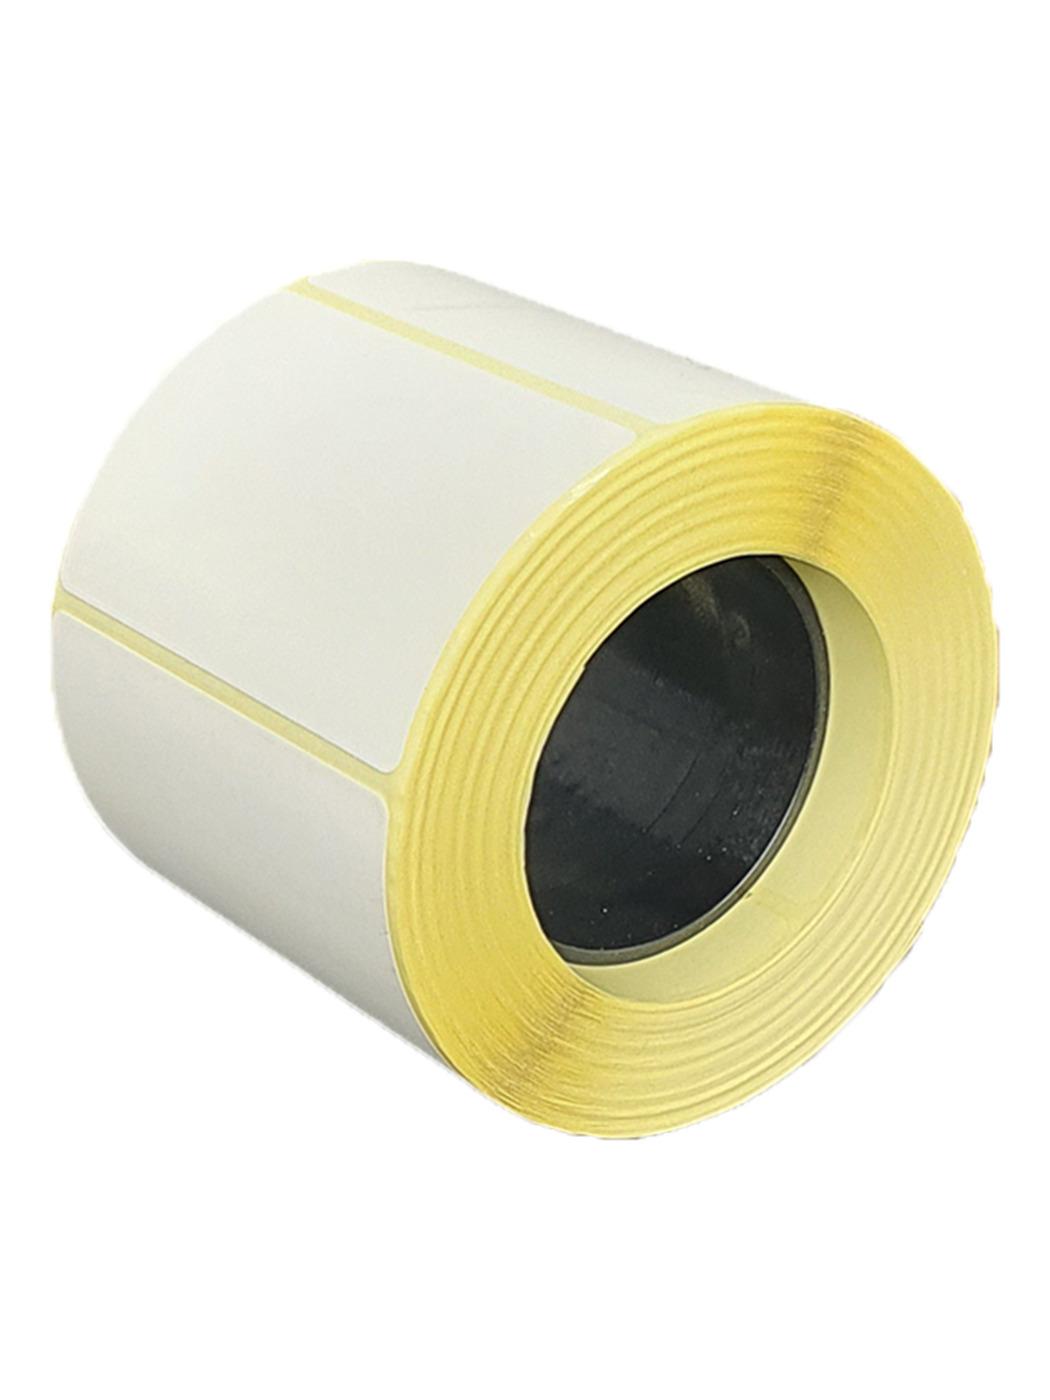 Термоэтикетки 58 х 40 мм Termolenta (600 шт в рулоне)